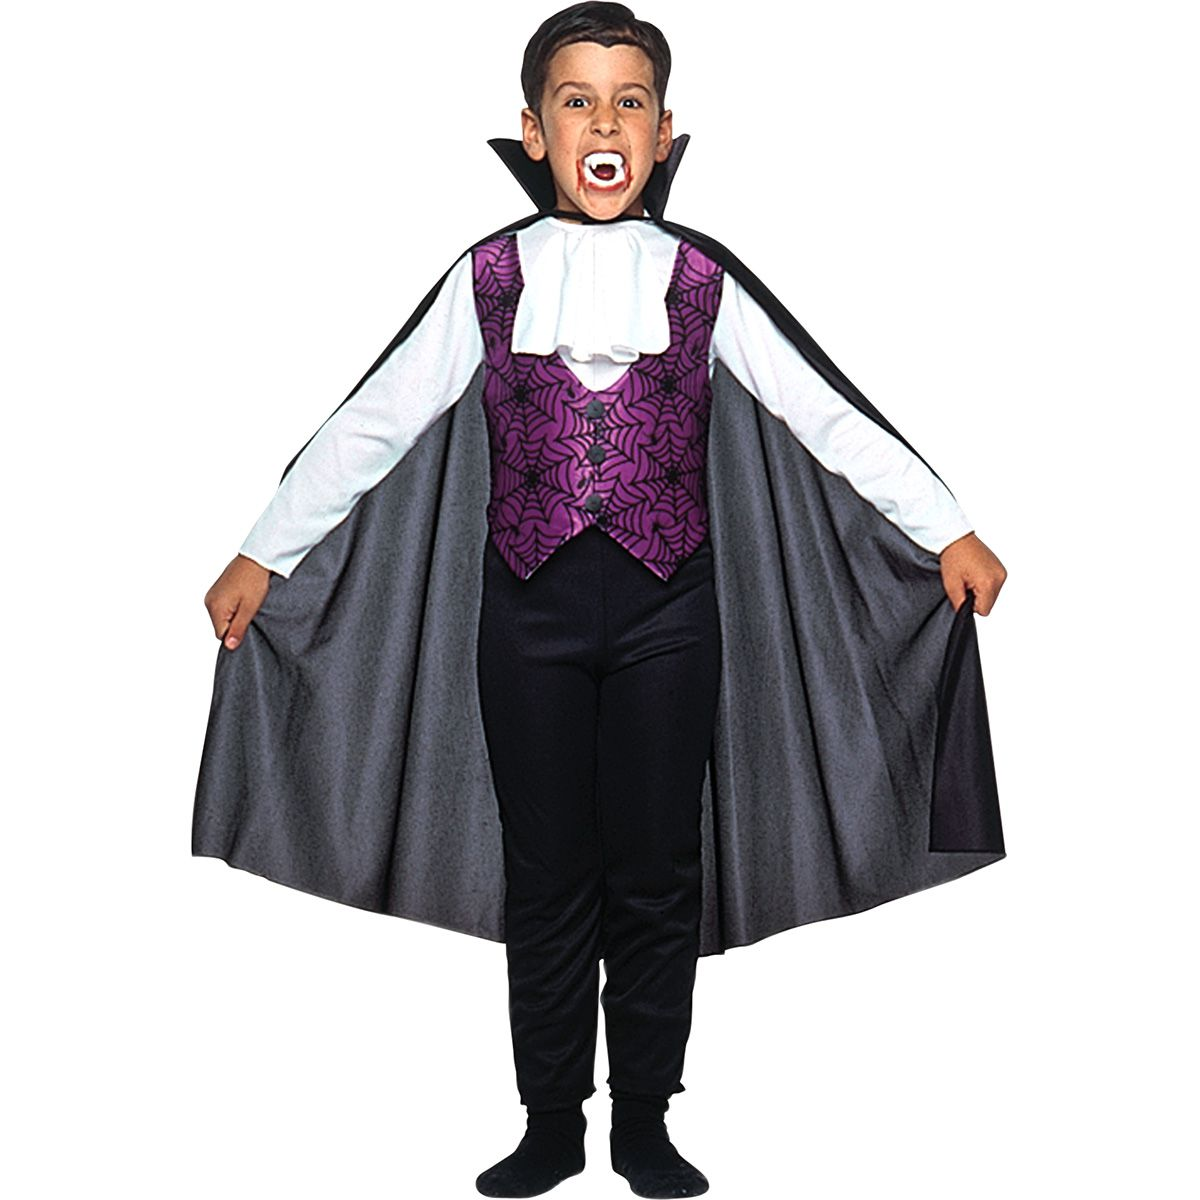 Fantasia Conde Drácula com Dentadura